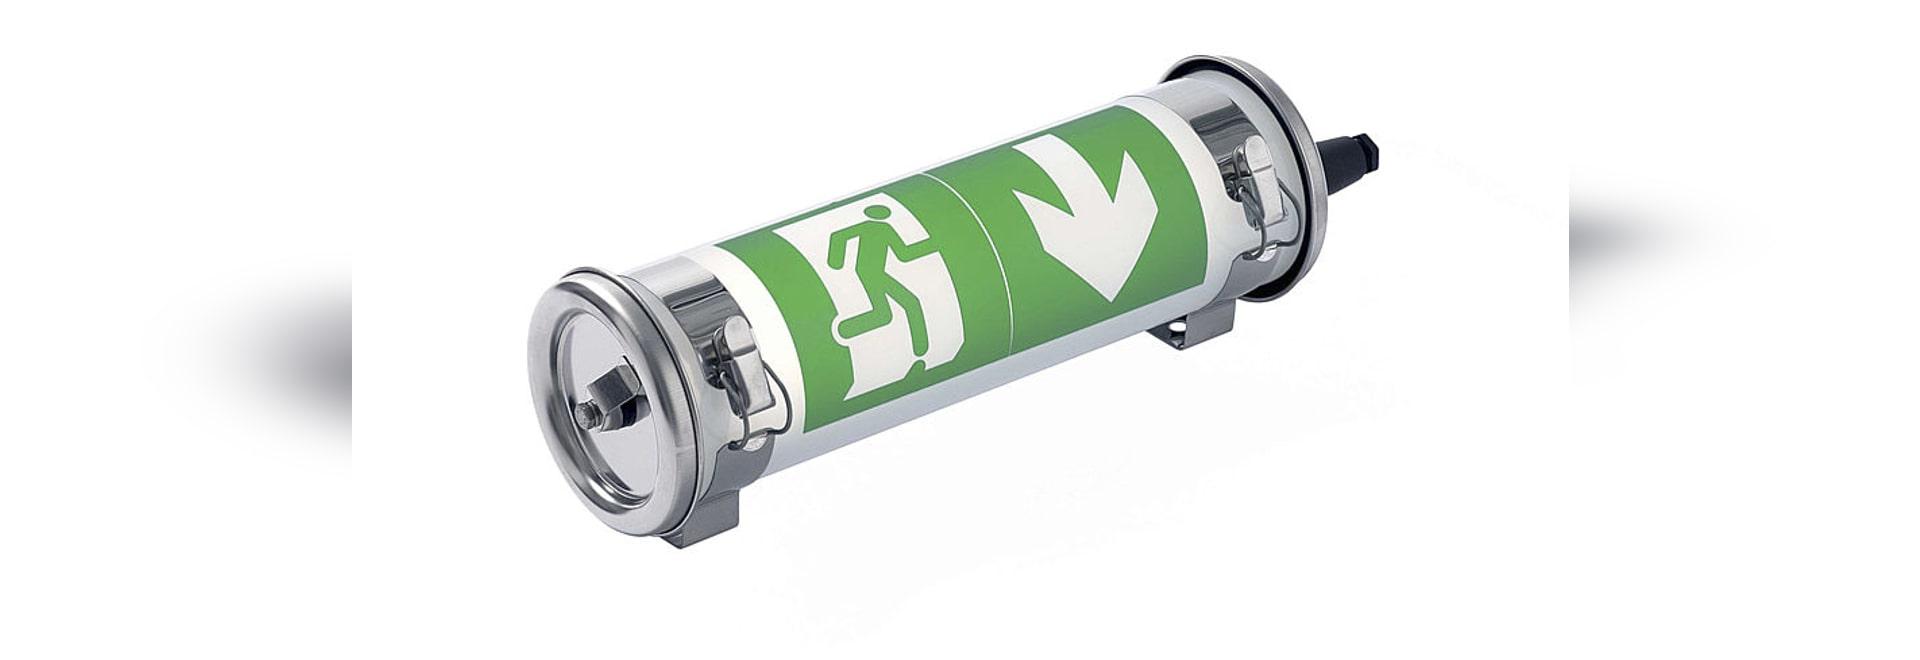 MAXWELL 100 LSC EVAC, presa dell'unità del LED per la fonte centrale